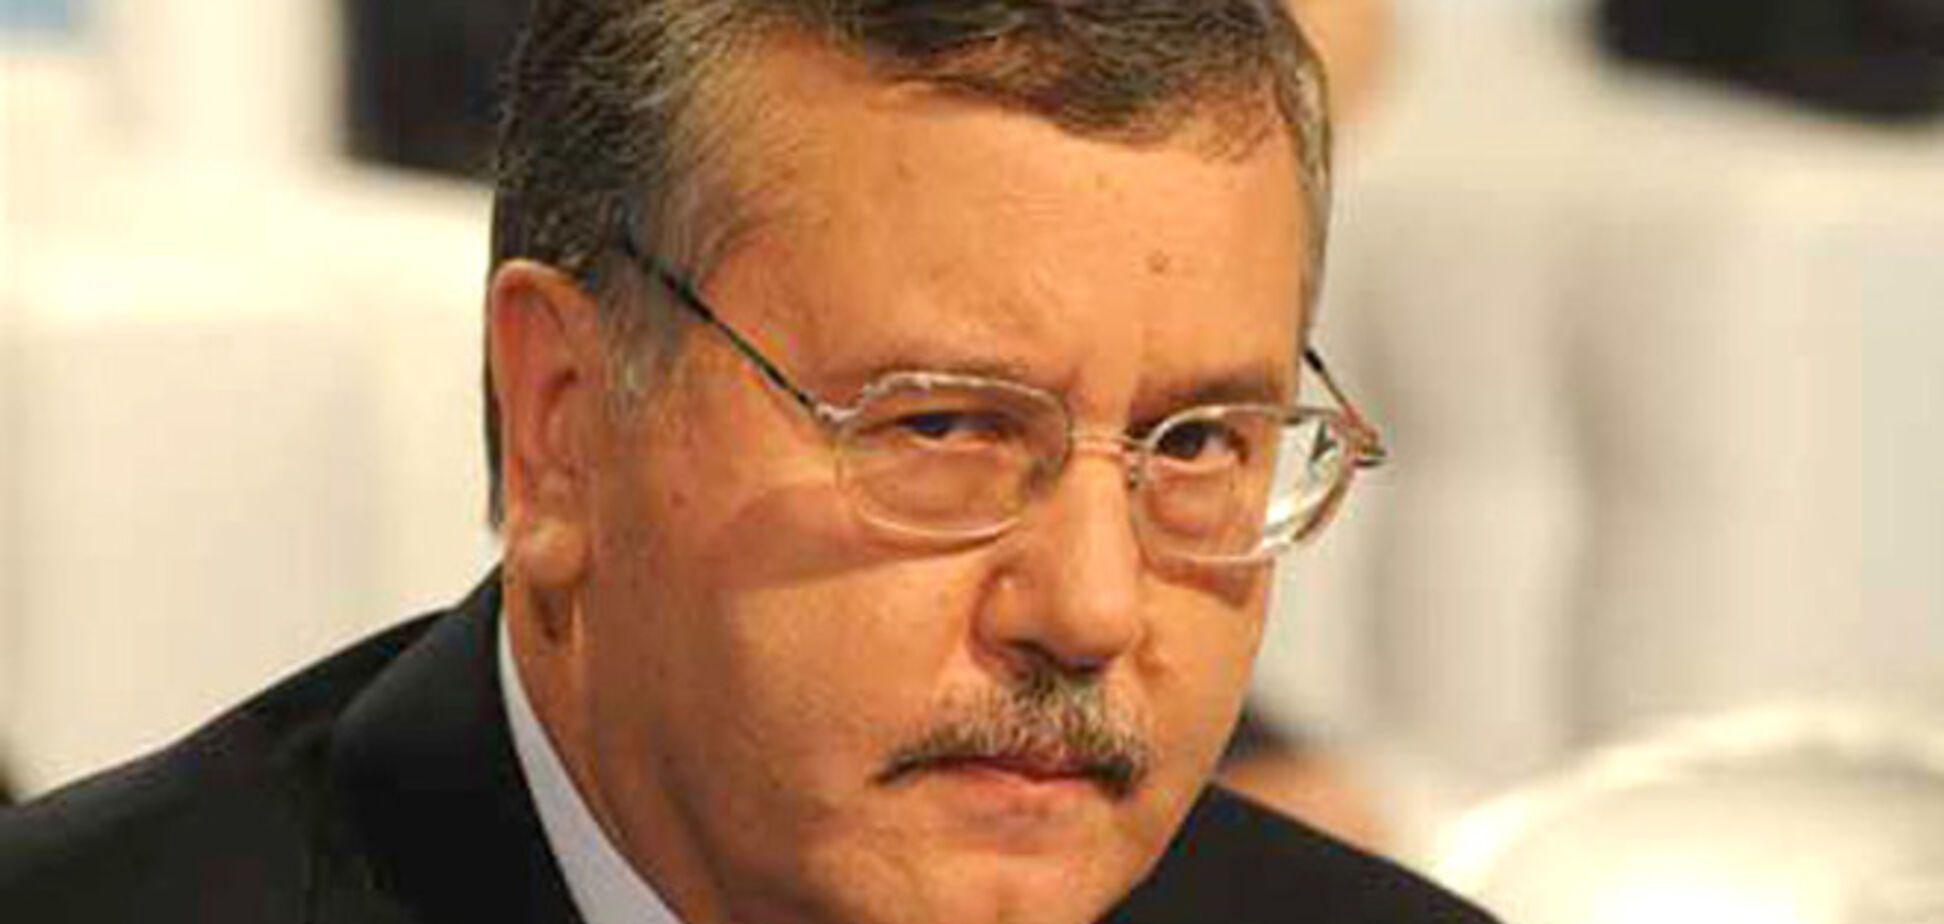 Гриценко угрожали 'расстрелять' во время визита в Полтаву